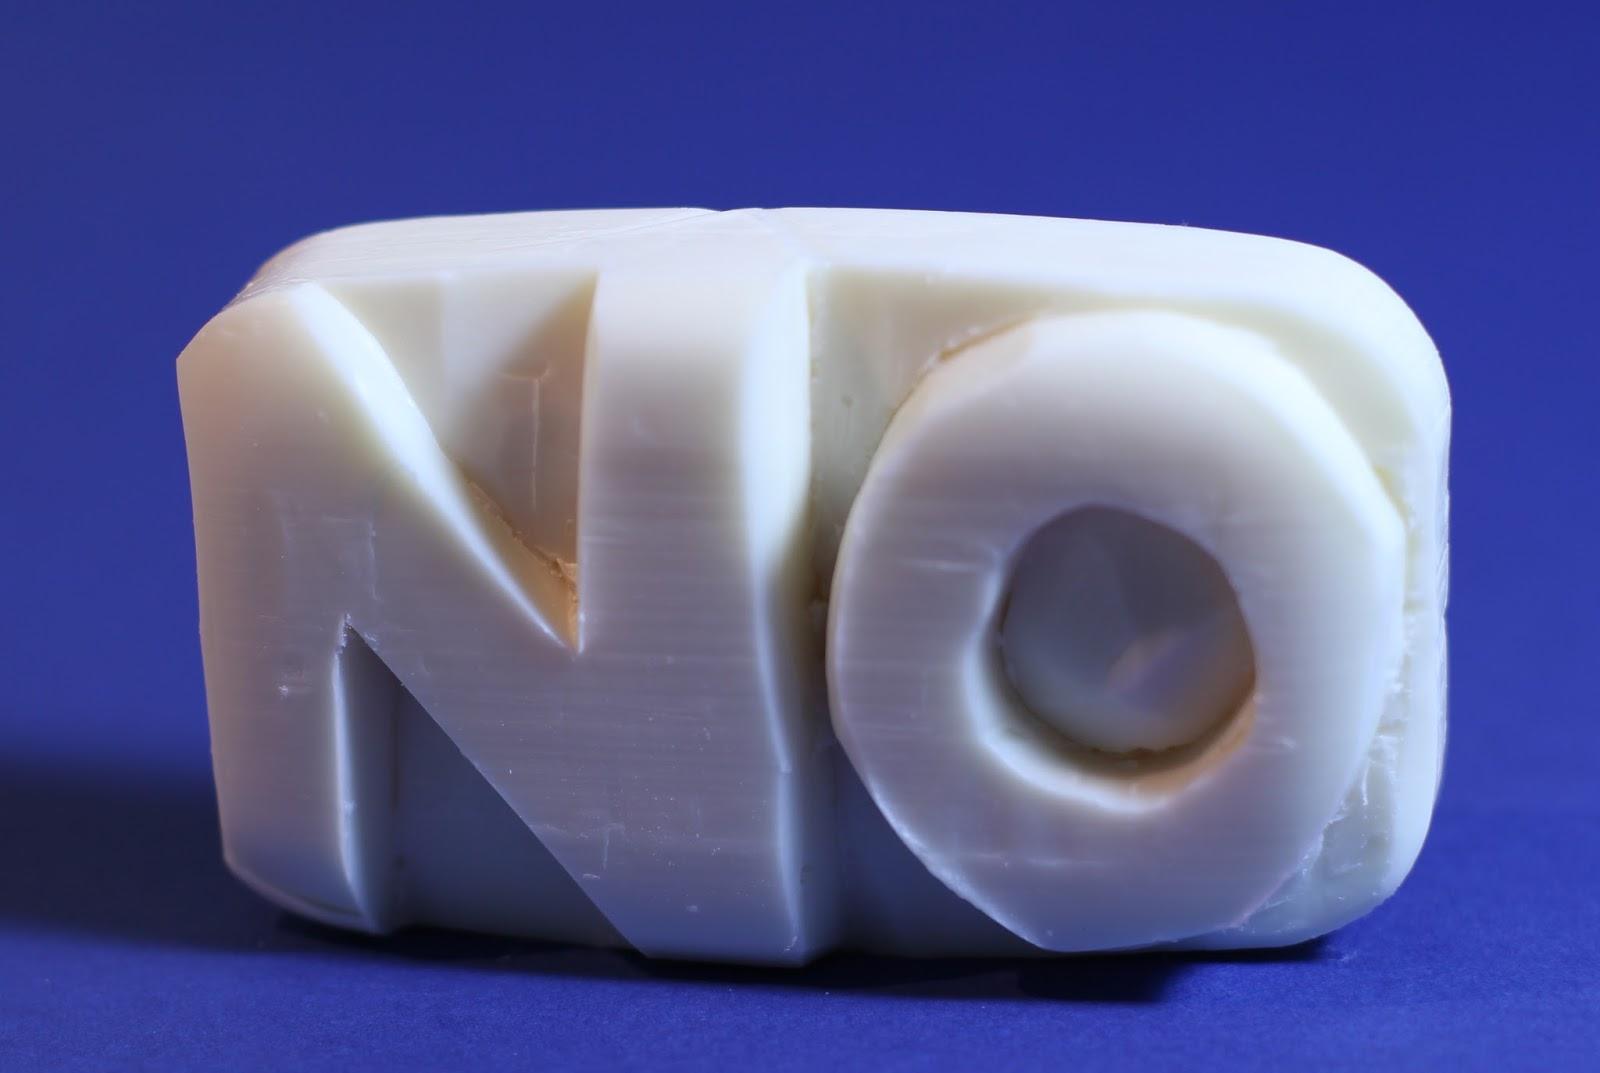 Auto destructive soap sculpture